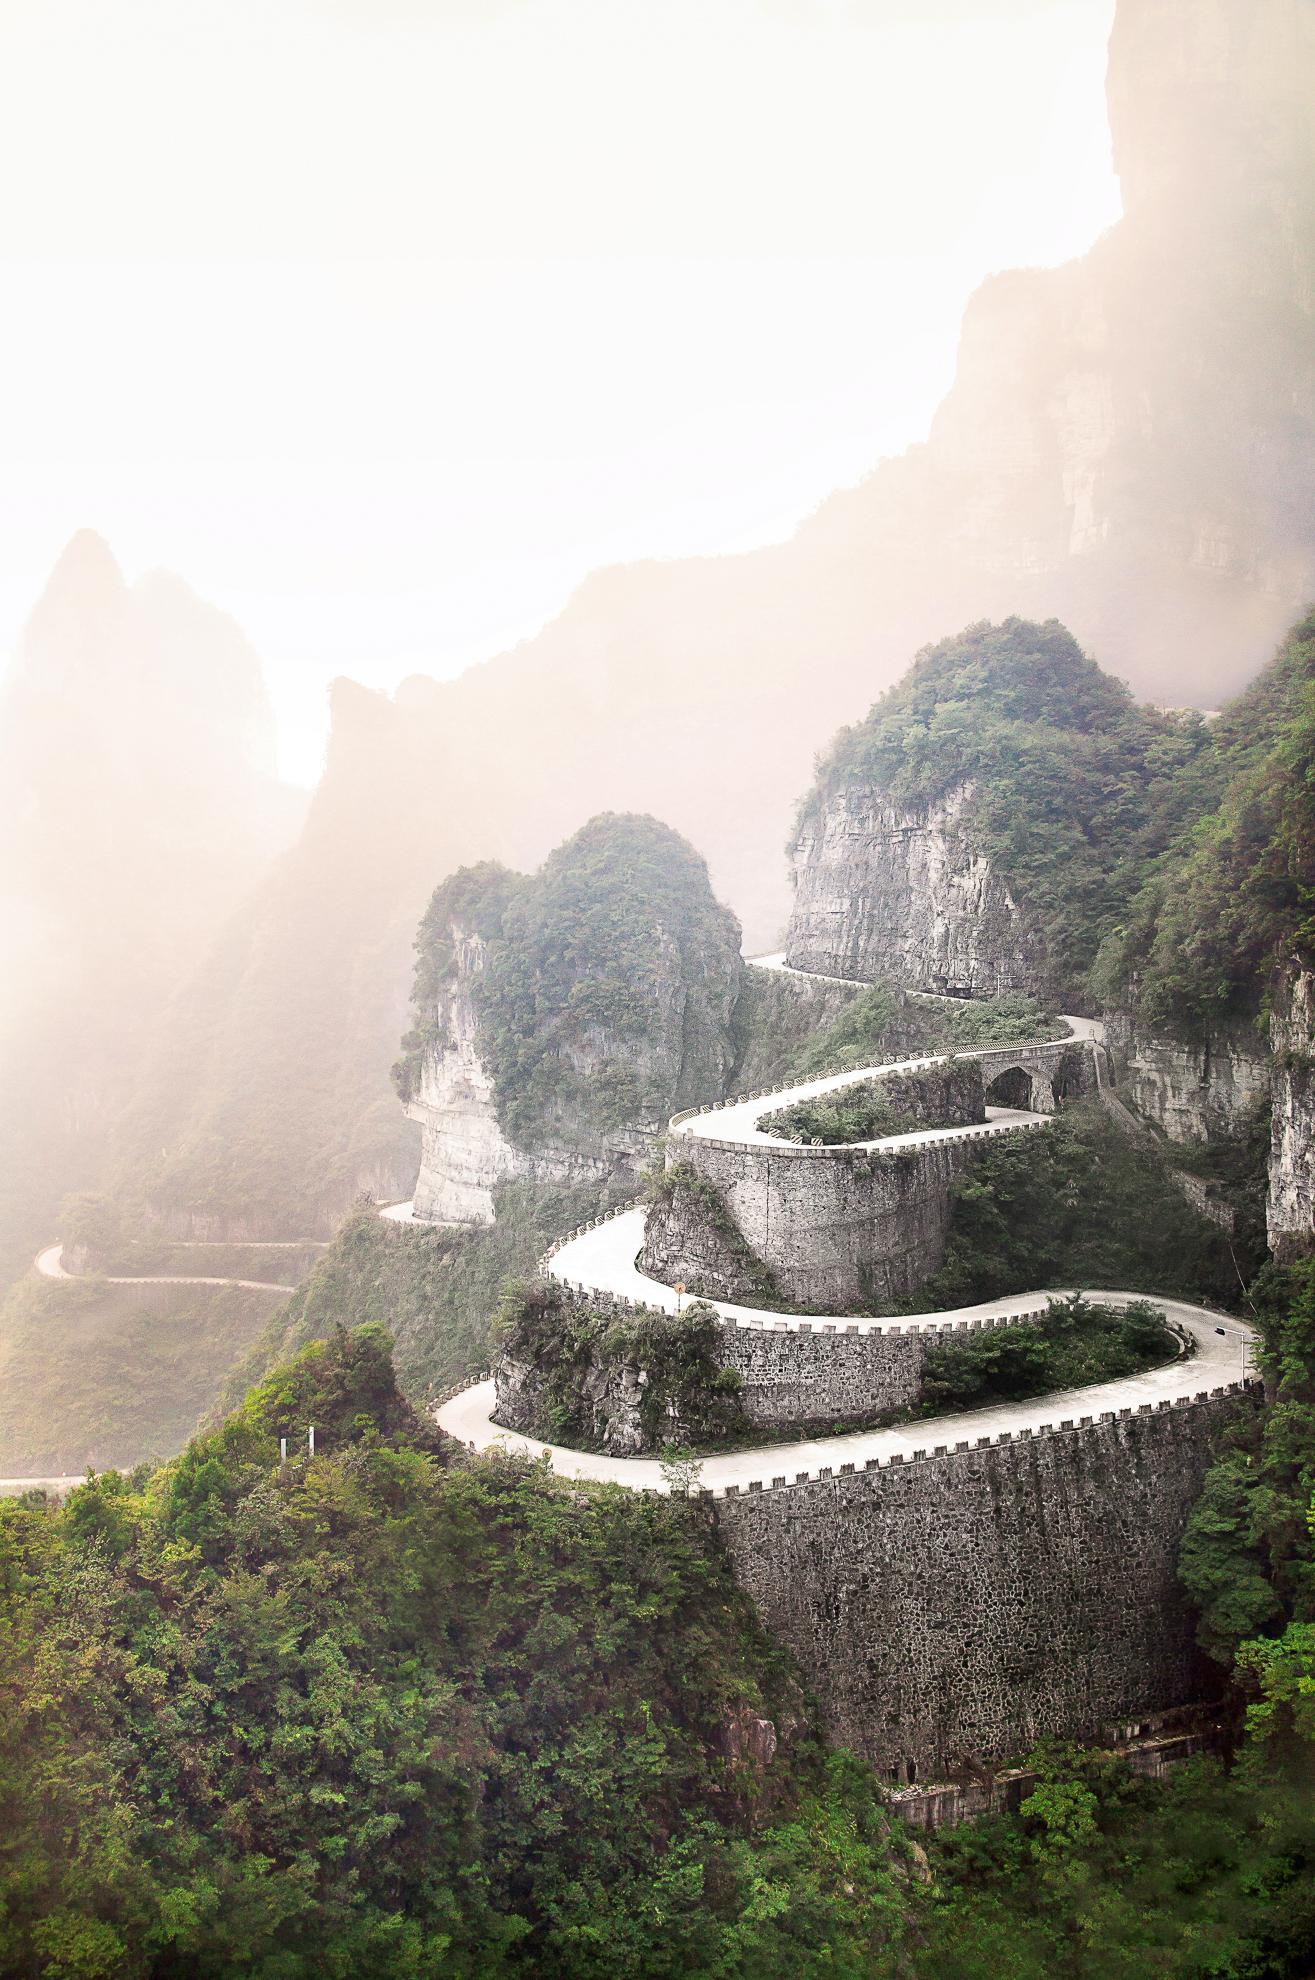 Tianmen Mountain - China